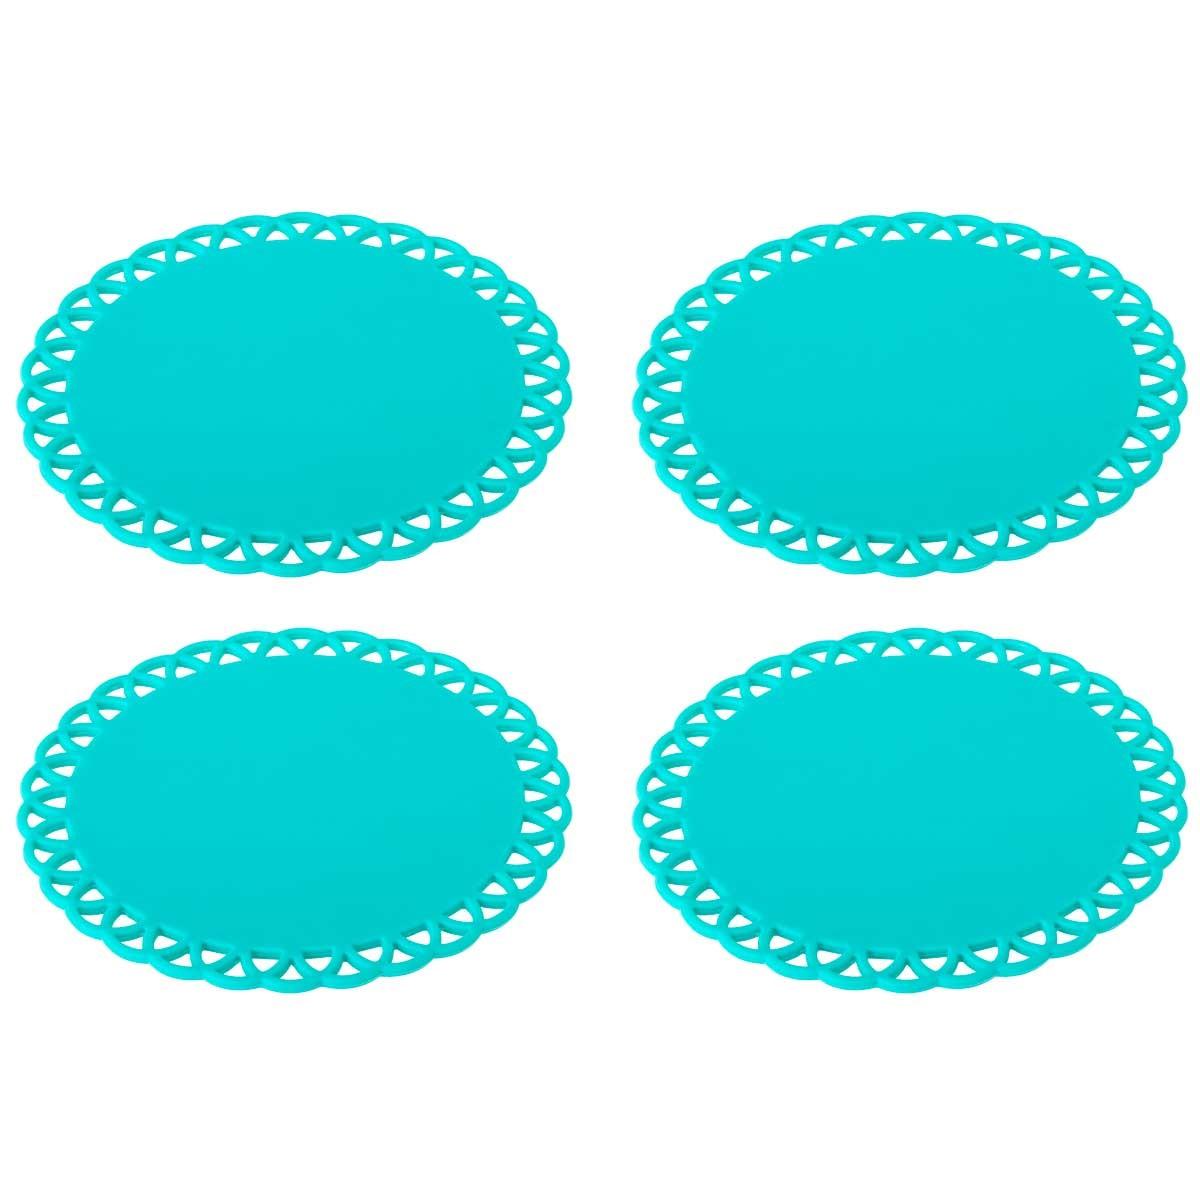 Σουβέρ (Σετ 4τμχ) Marva Maid Turquoise 8855